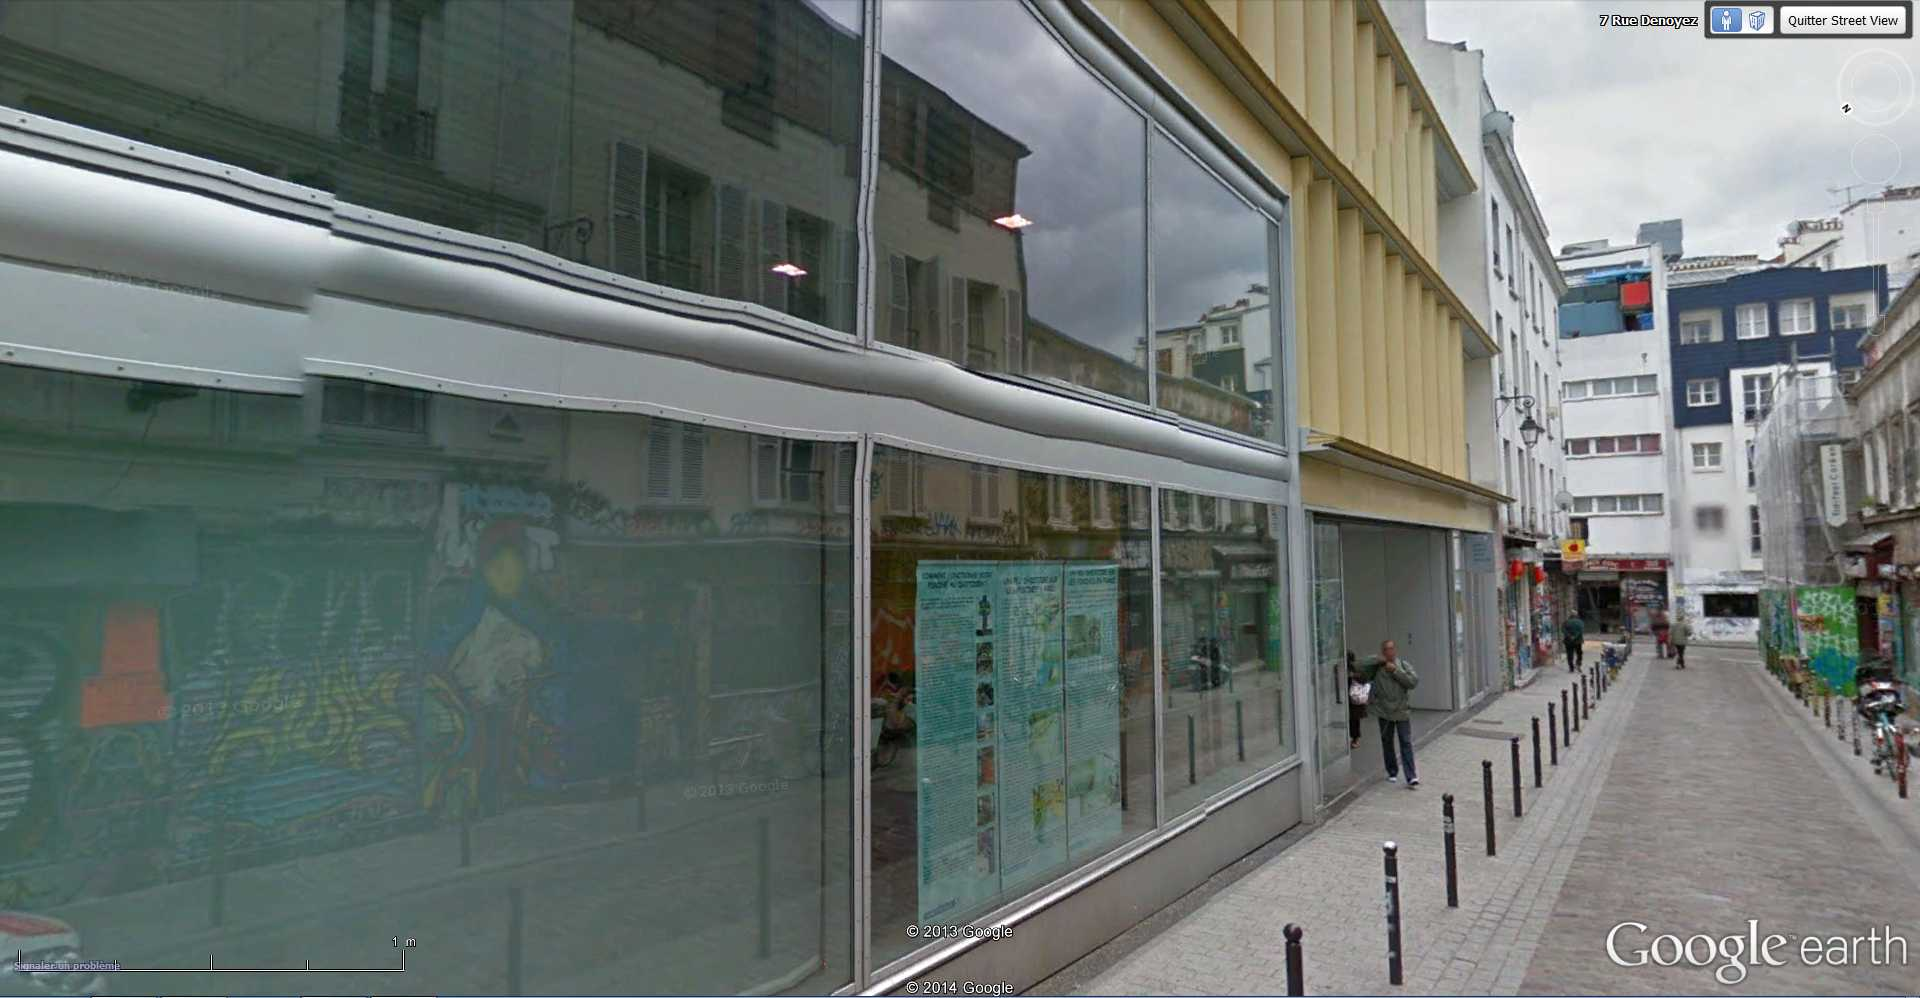 Piscine - Paris 2014-061